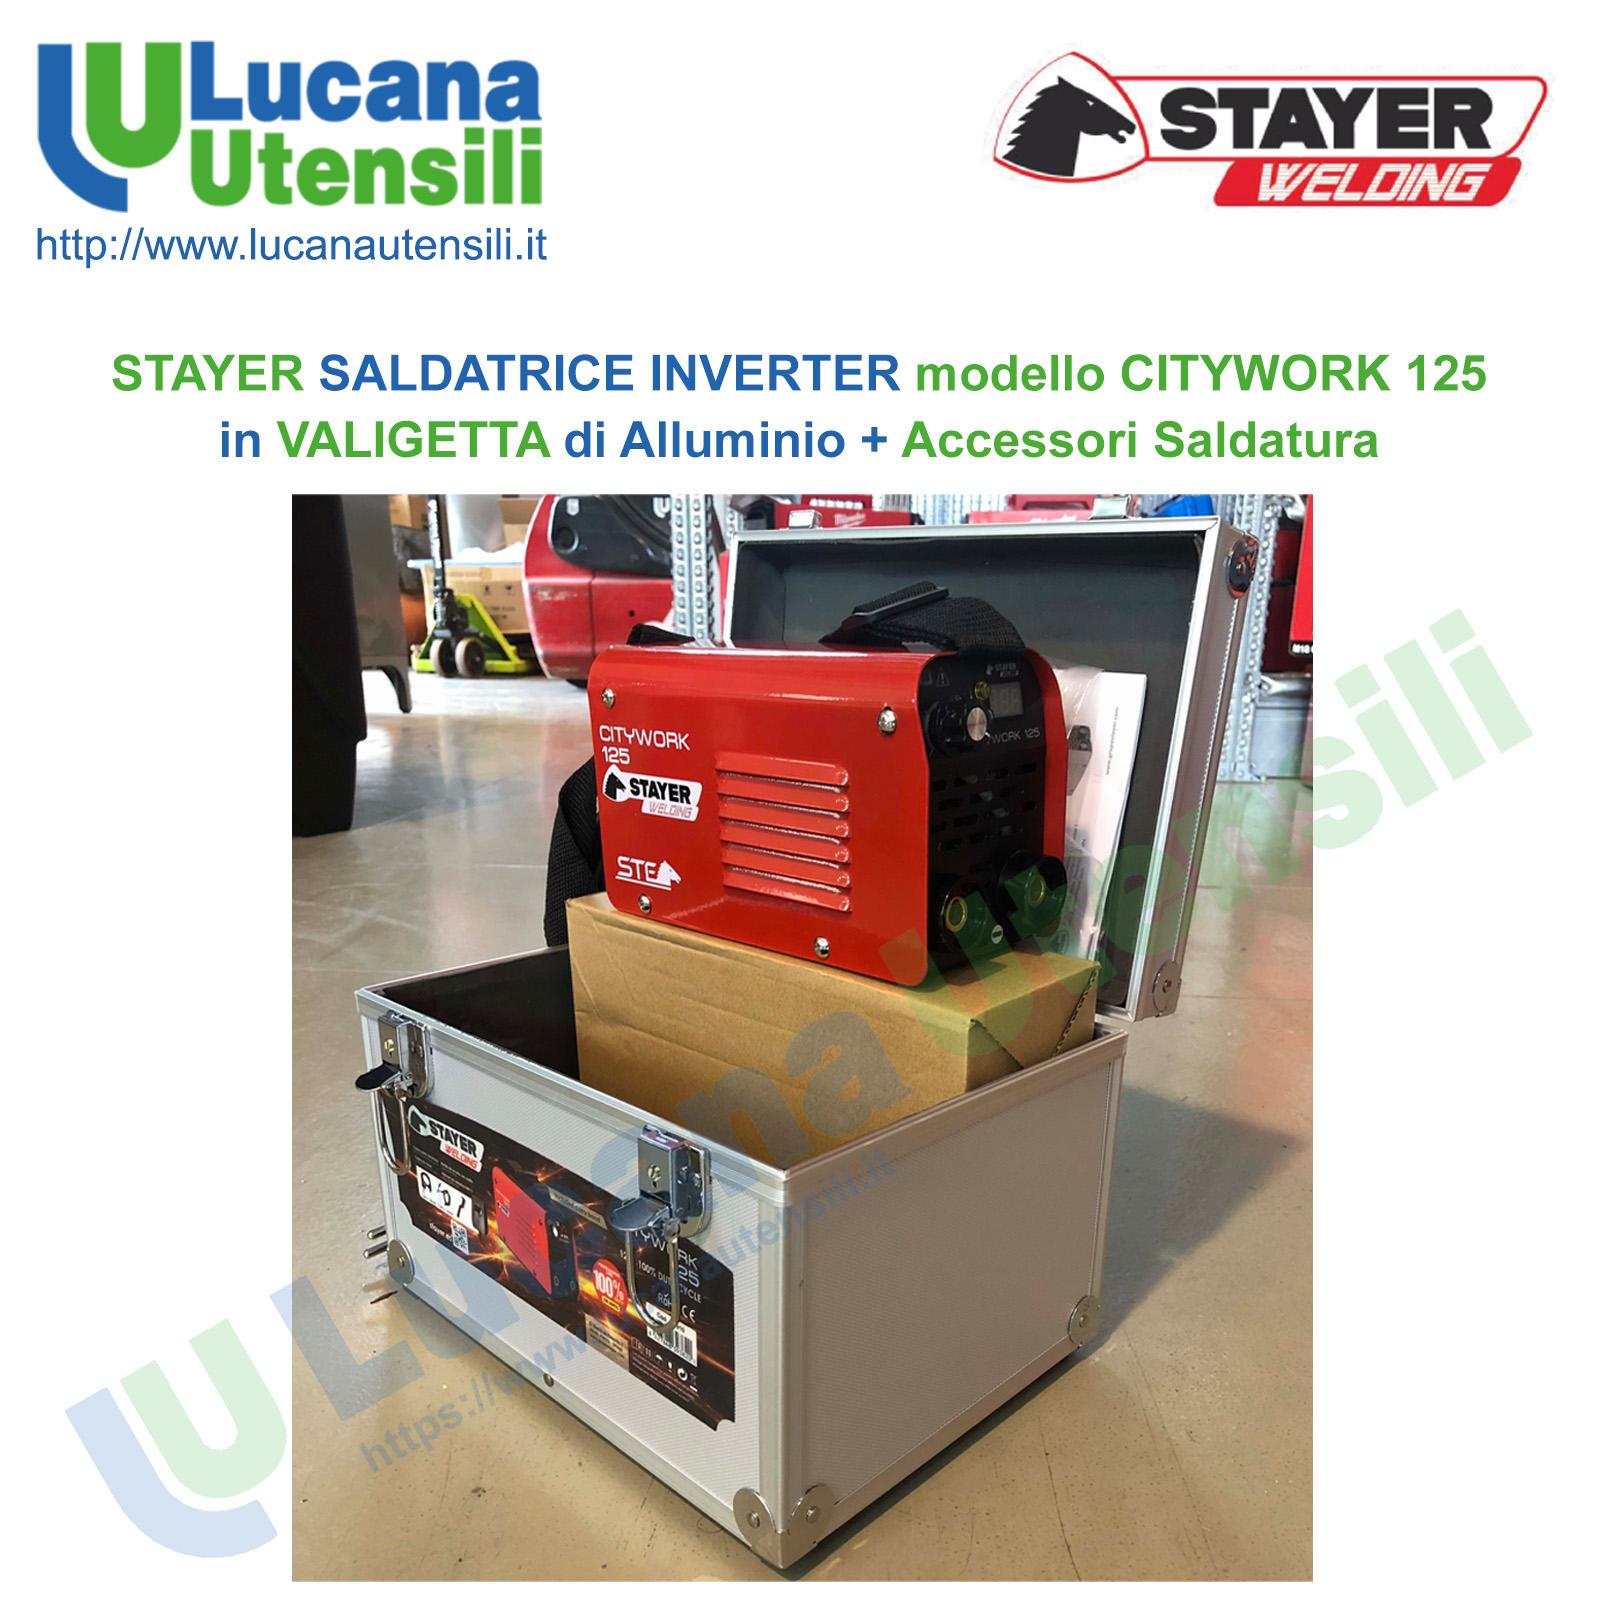 STAYER SALDATRICE INVERTER modello CITYWORK 125 in VALIGETTA di ALLUMINIO+ ACCESSORI SALDATURA Promo Natale